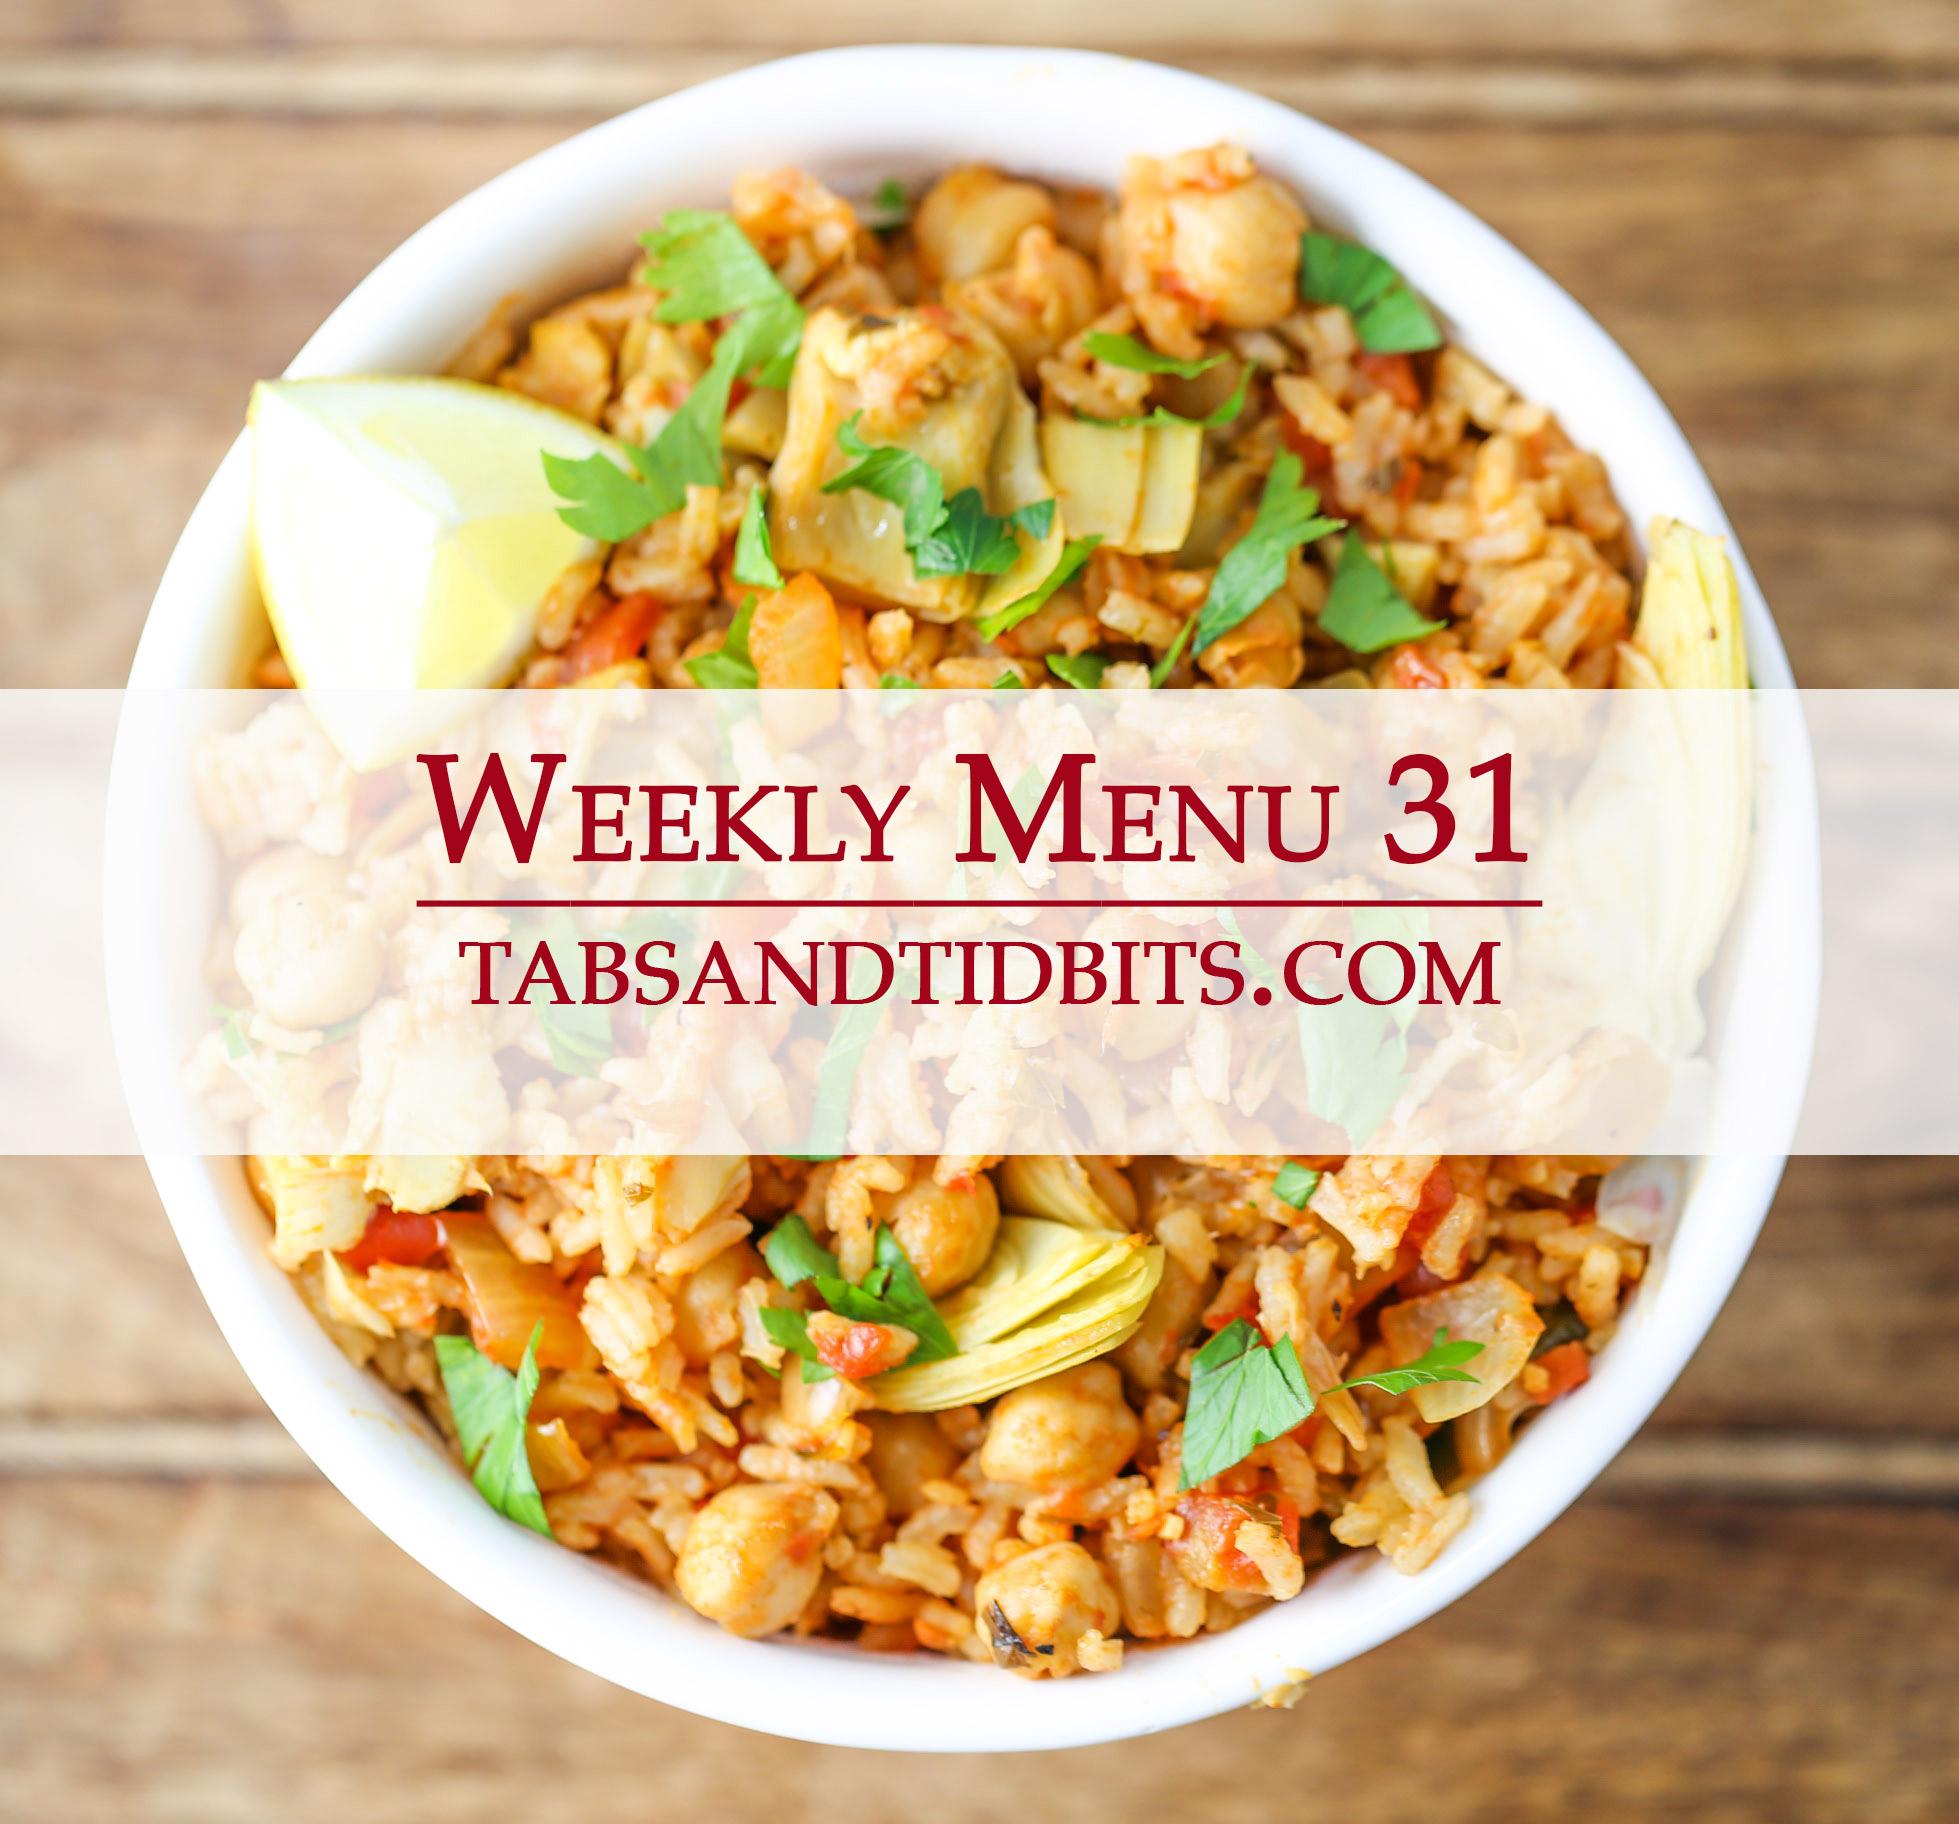 Weekly Menu 31